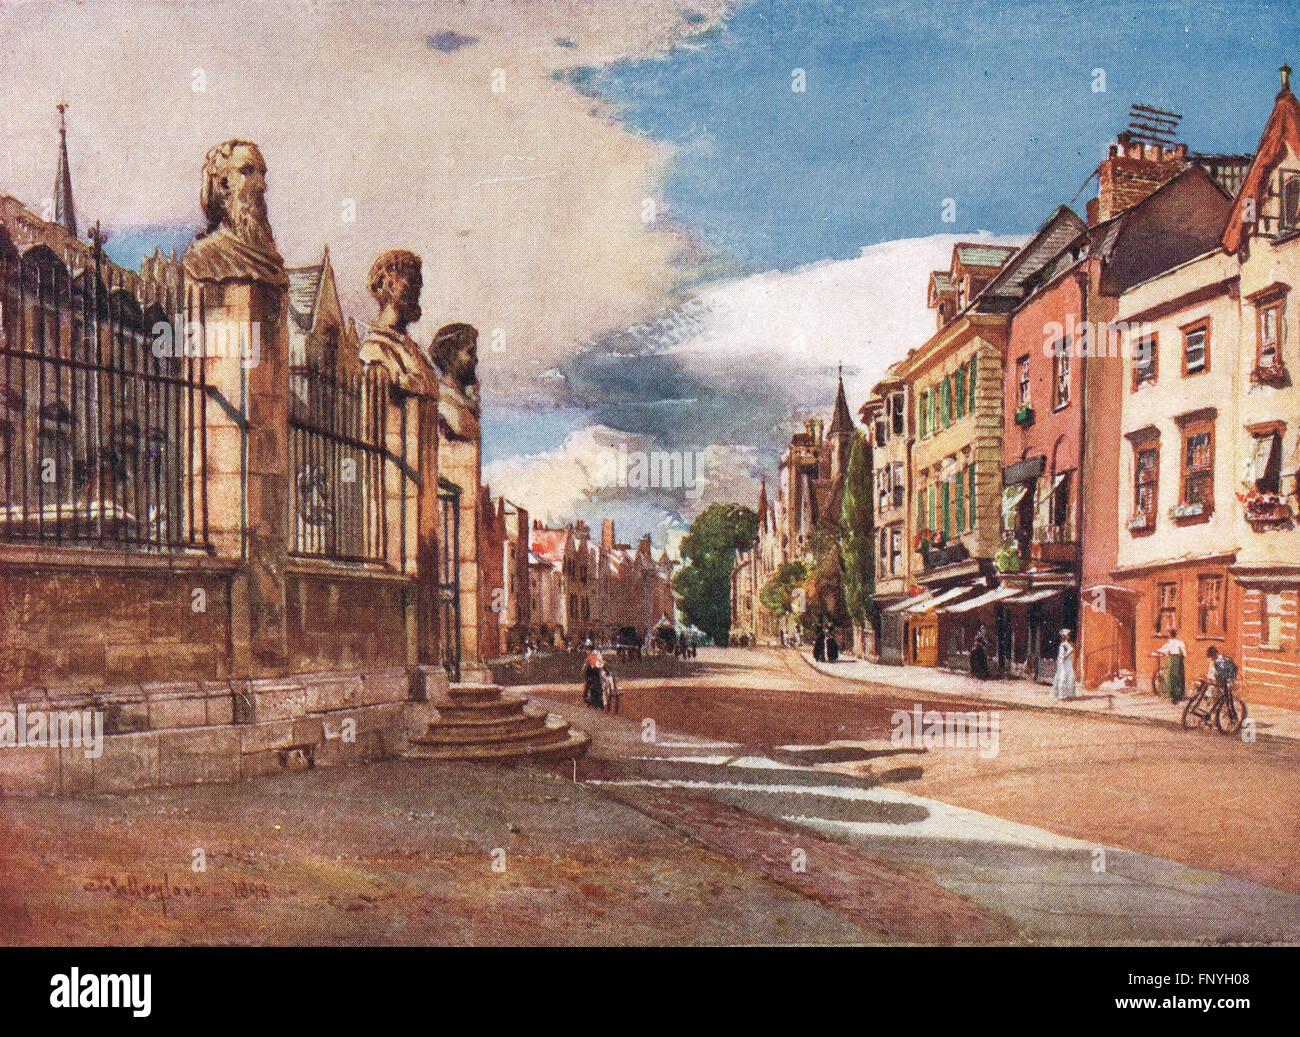 Broad St y las estatuas del Teatro Sheldonian, Oxford de principios del siglo XX. Imagen De Stock